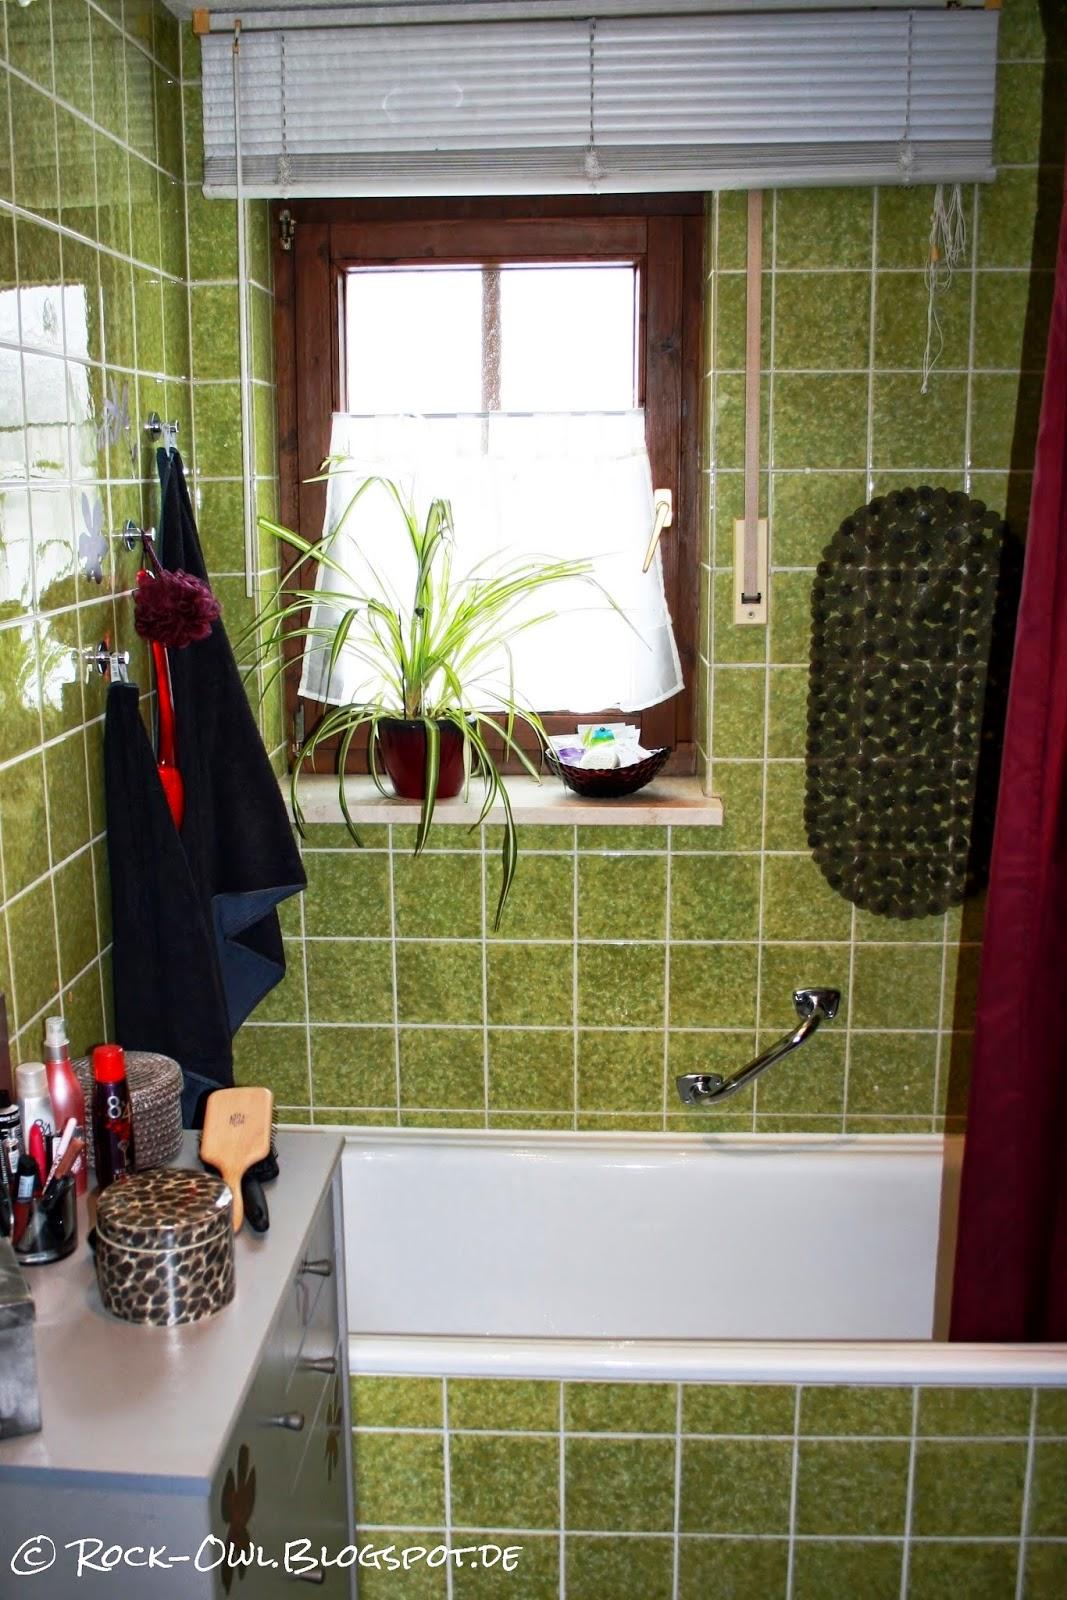 rock and owl blog aus gr n mach wei ich kleb 39 mir ein neues bad. Black Bedroom Furniture Sets. Home Design Ideas